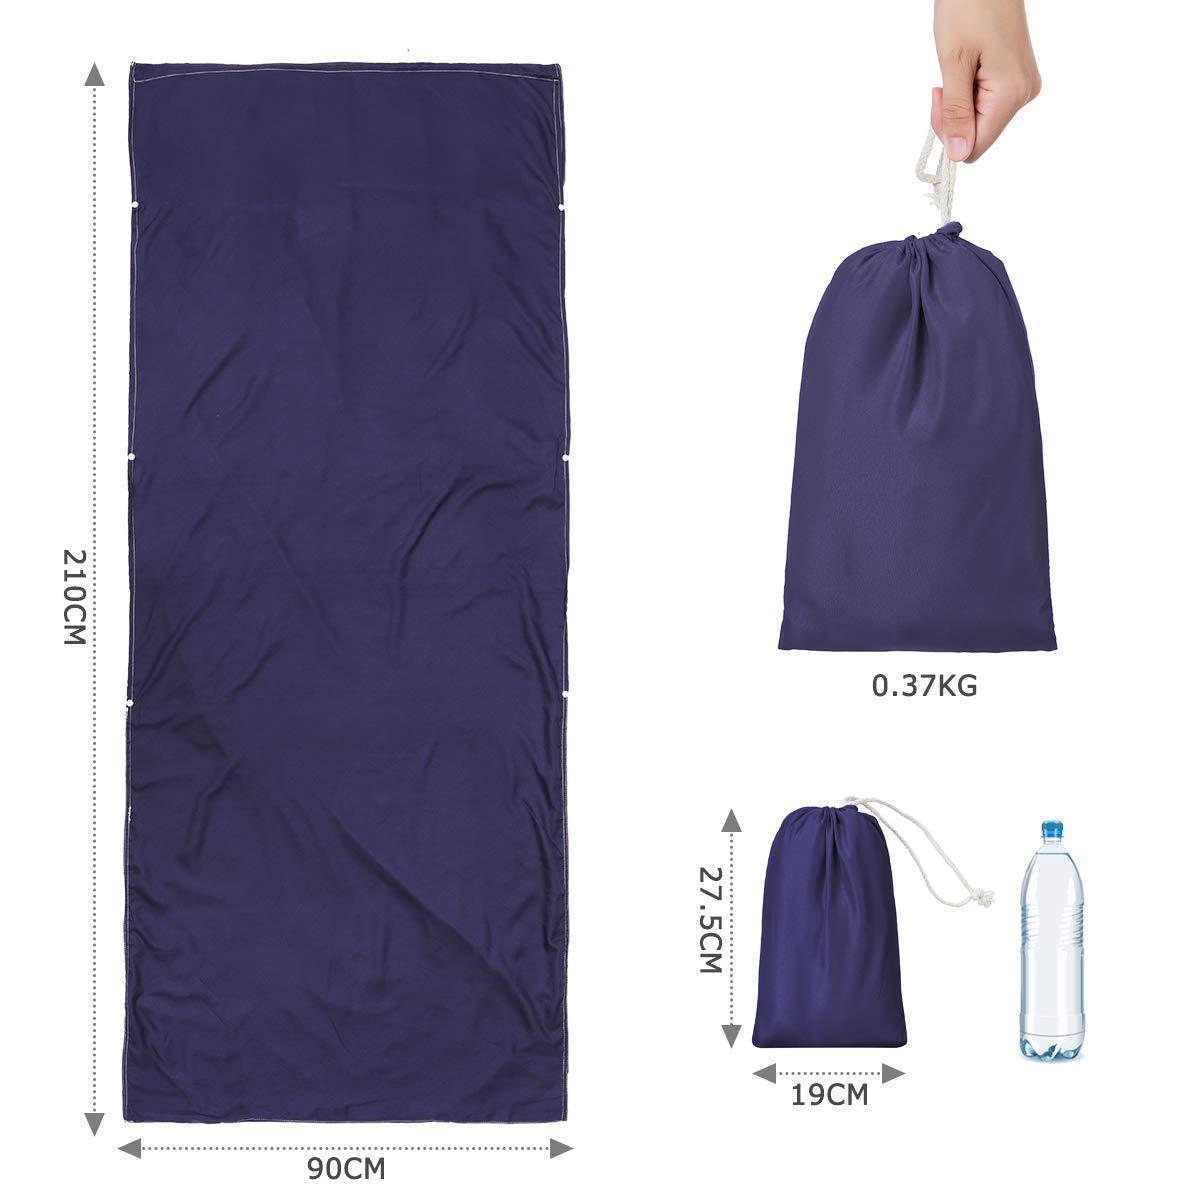 CAMTOA Funda para saco de dormir, ultraligera, portátil, ligera, ultraligera, multifunción, 90 x 210 cm, suave y transpirable para 4 estaciones, viajes, ...